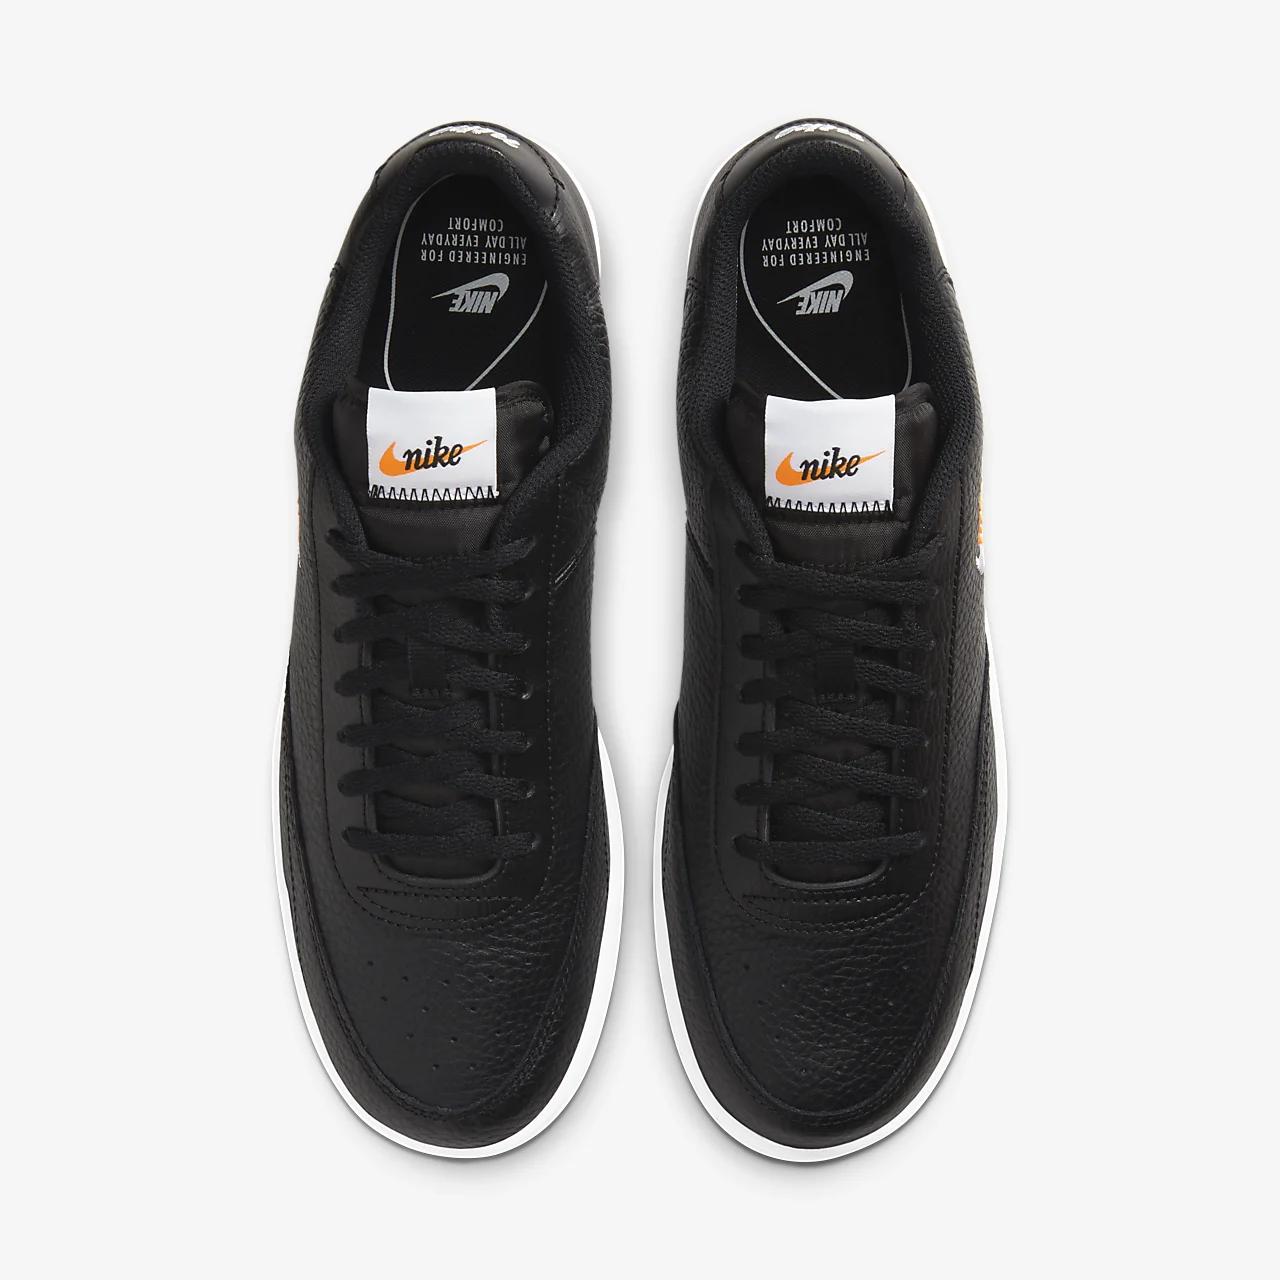 유럽직배송 나이키 NIKE Nike Court Vintage Premium Men's Shoe CT1726-002